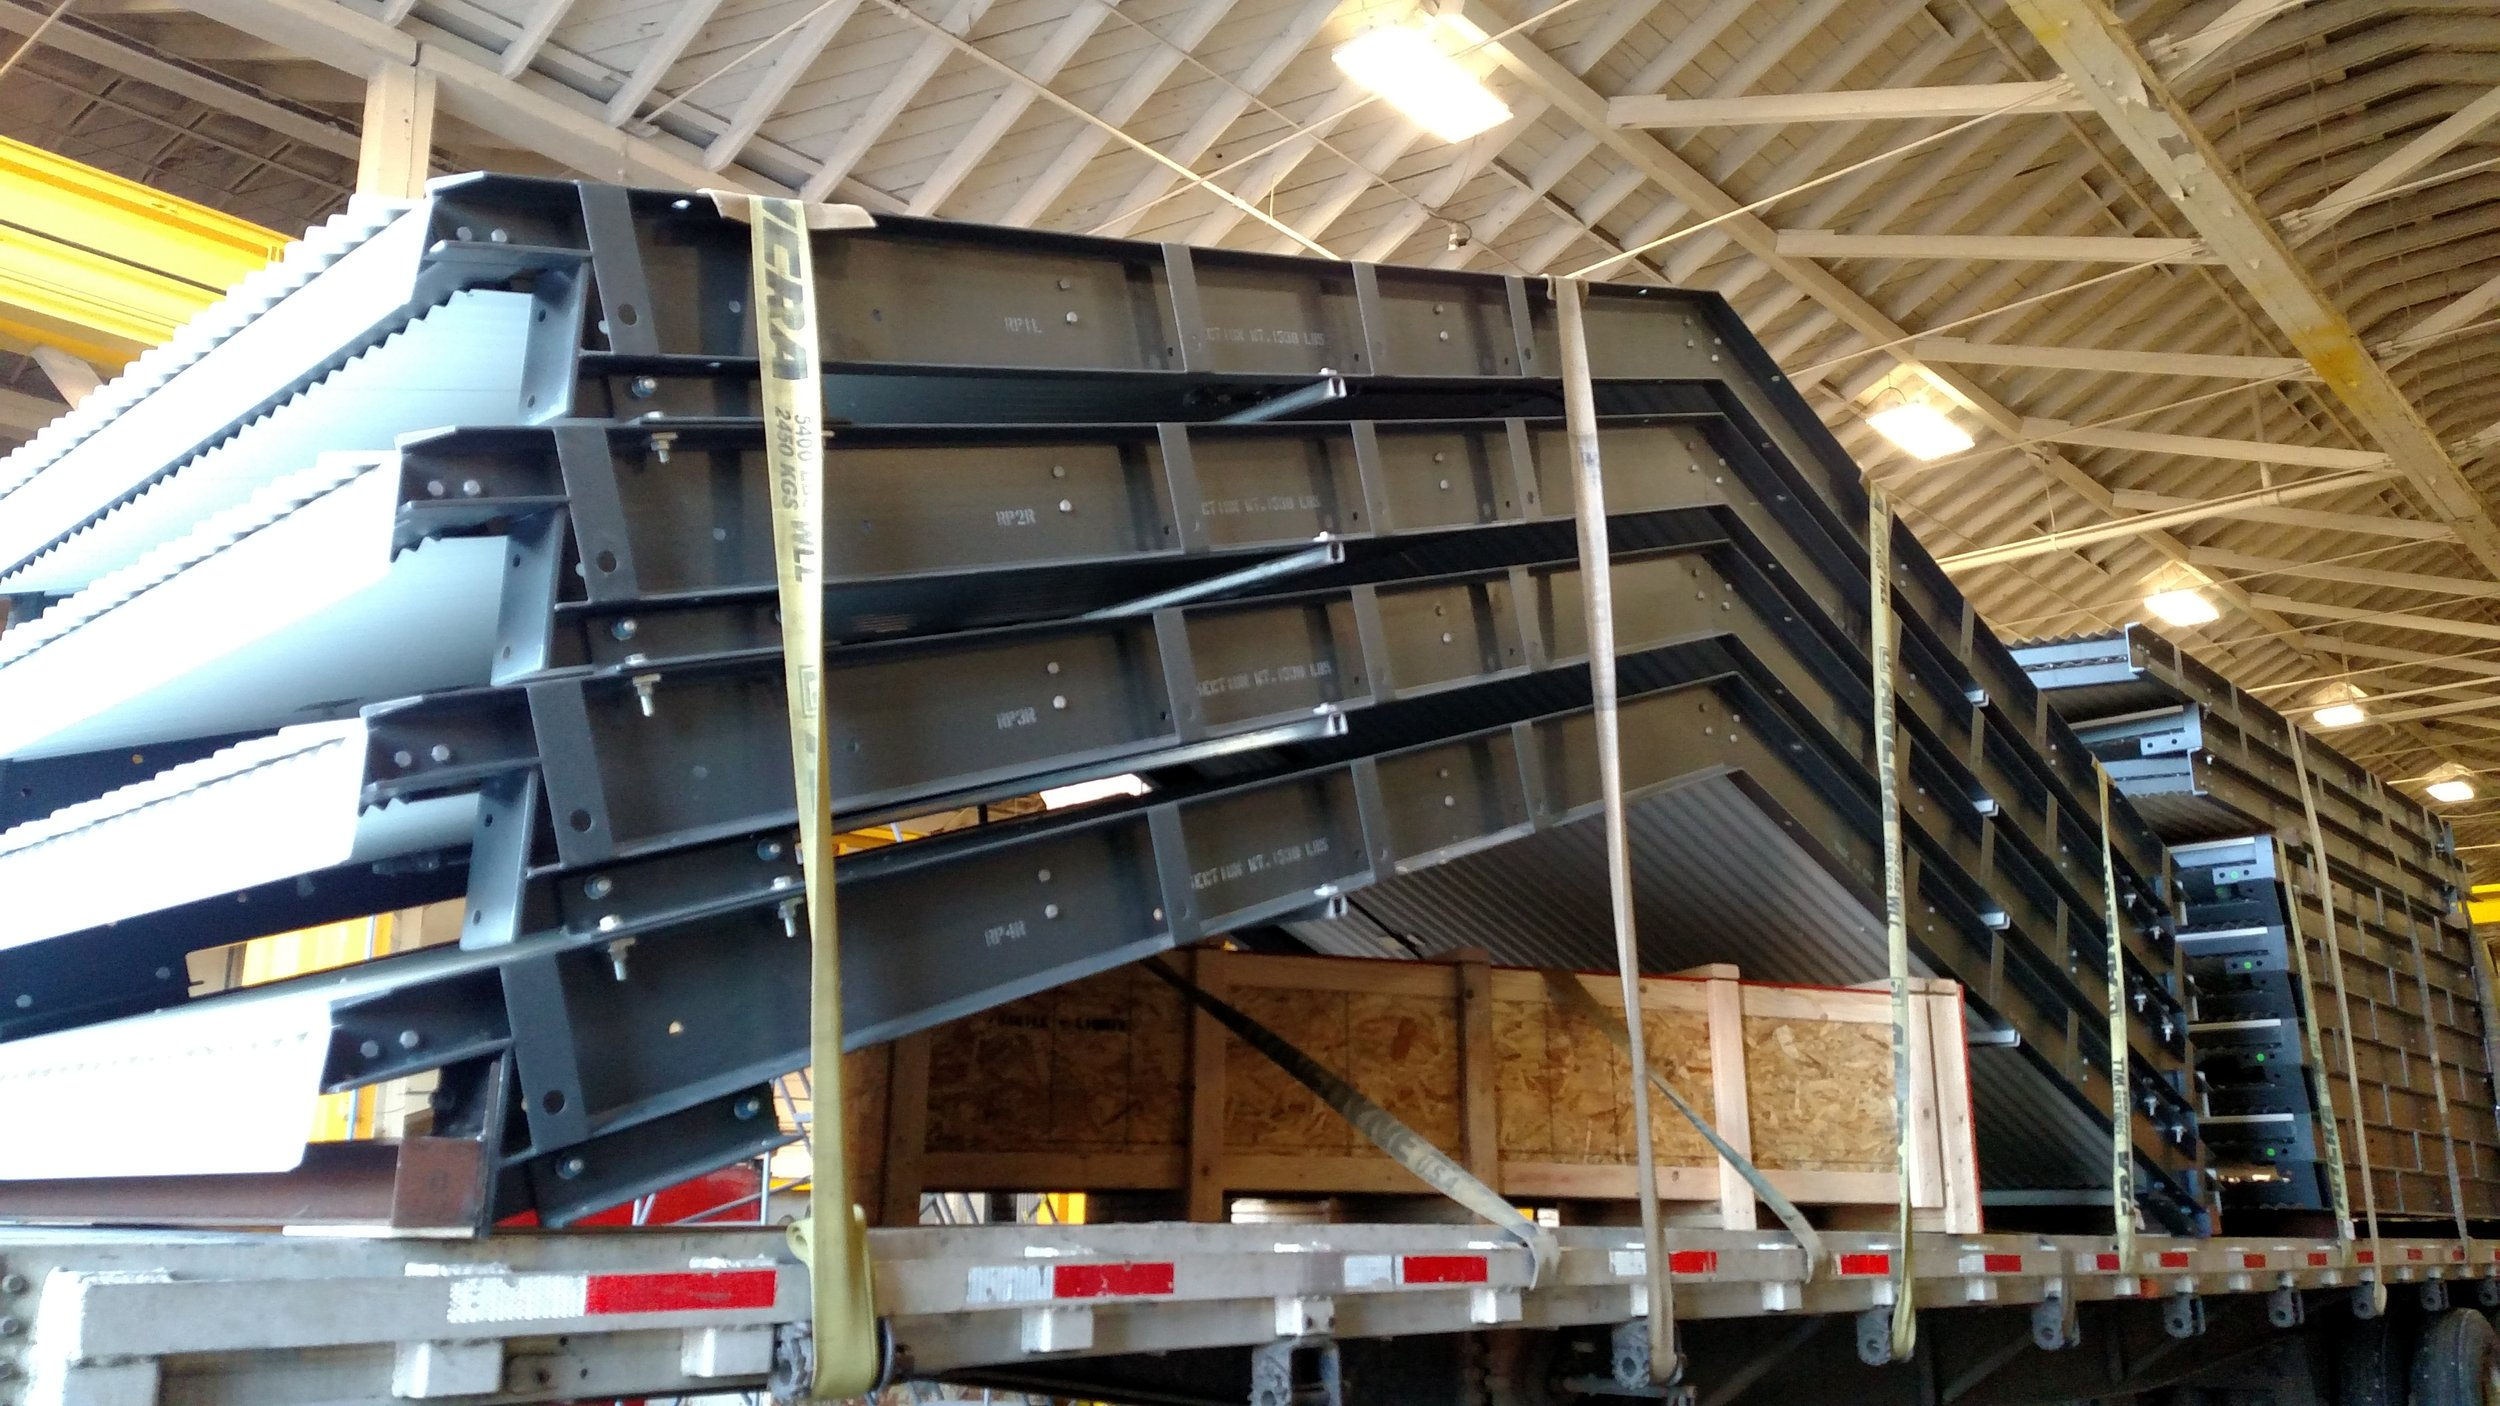 16-209 loadout 170112 (4).jpg